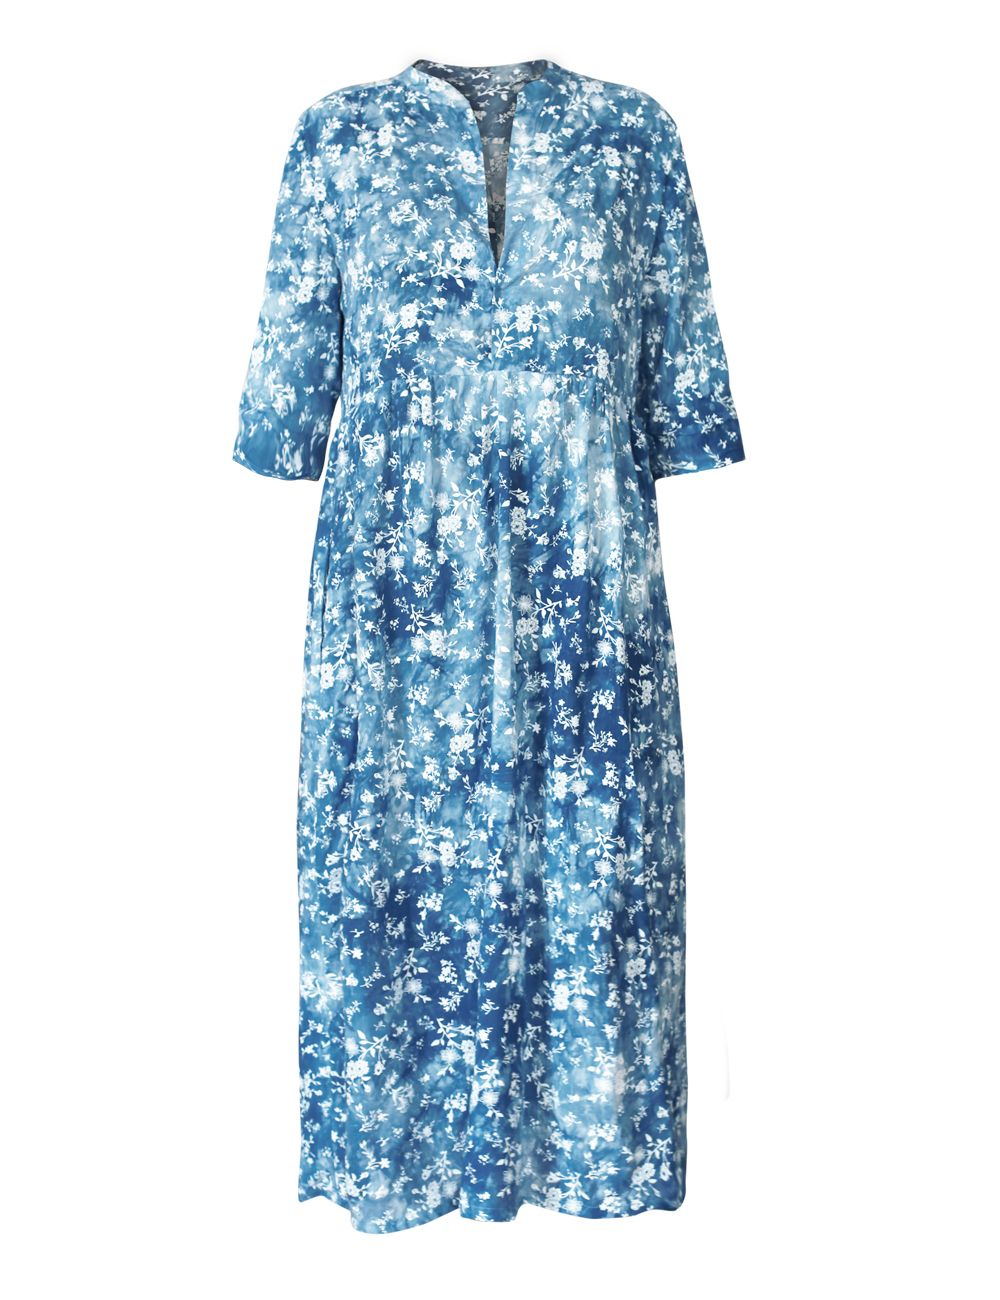 blaues kleid mit blumen | blaues kleid, kleider, lange kleider